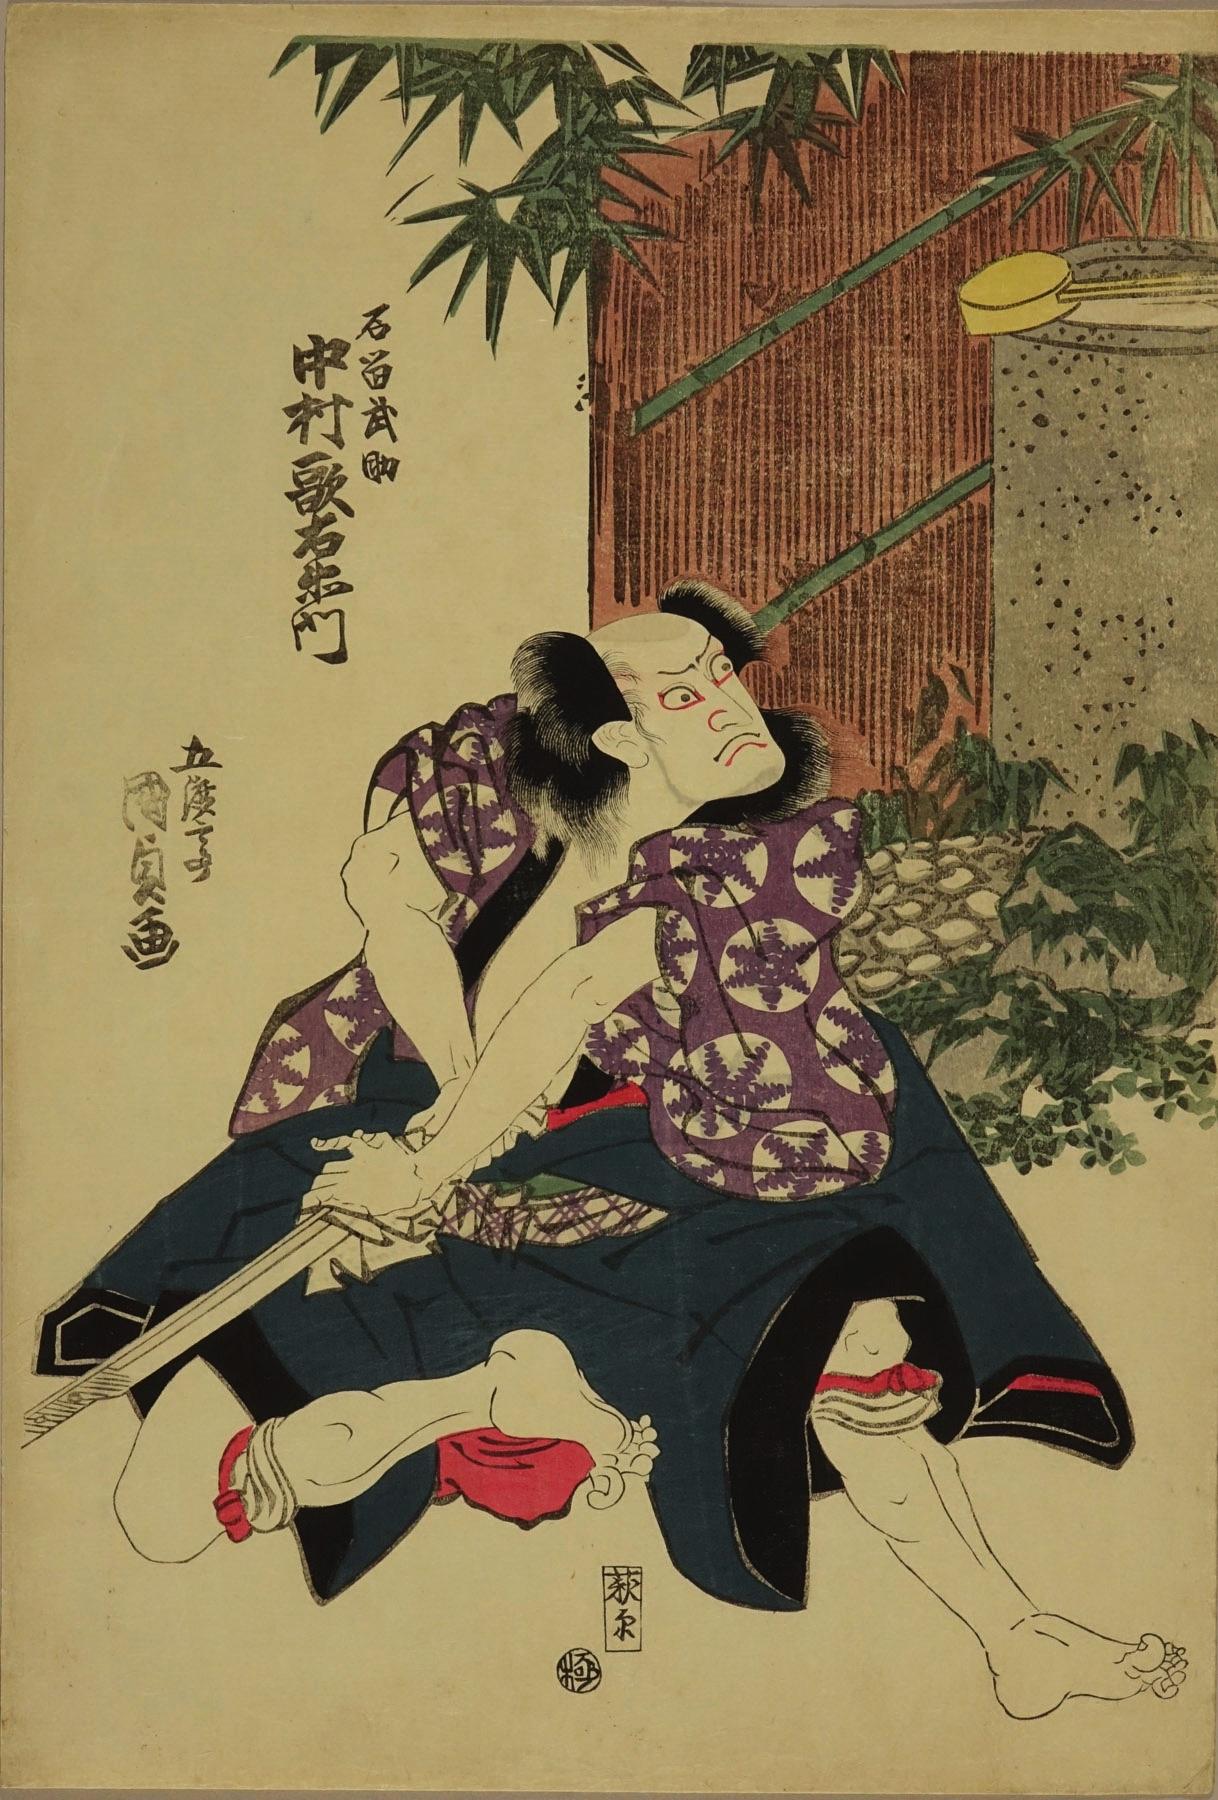 KUNISADA Portrait of the actor Nakamura Utaemon in the role of Ichidome Takesuke